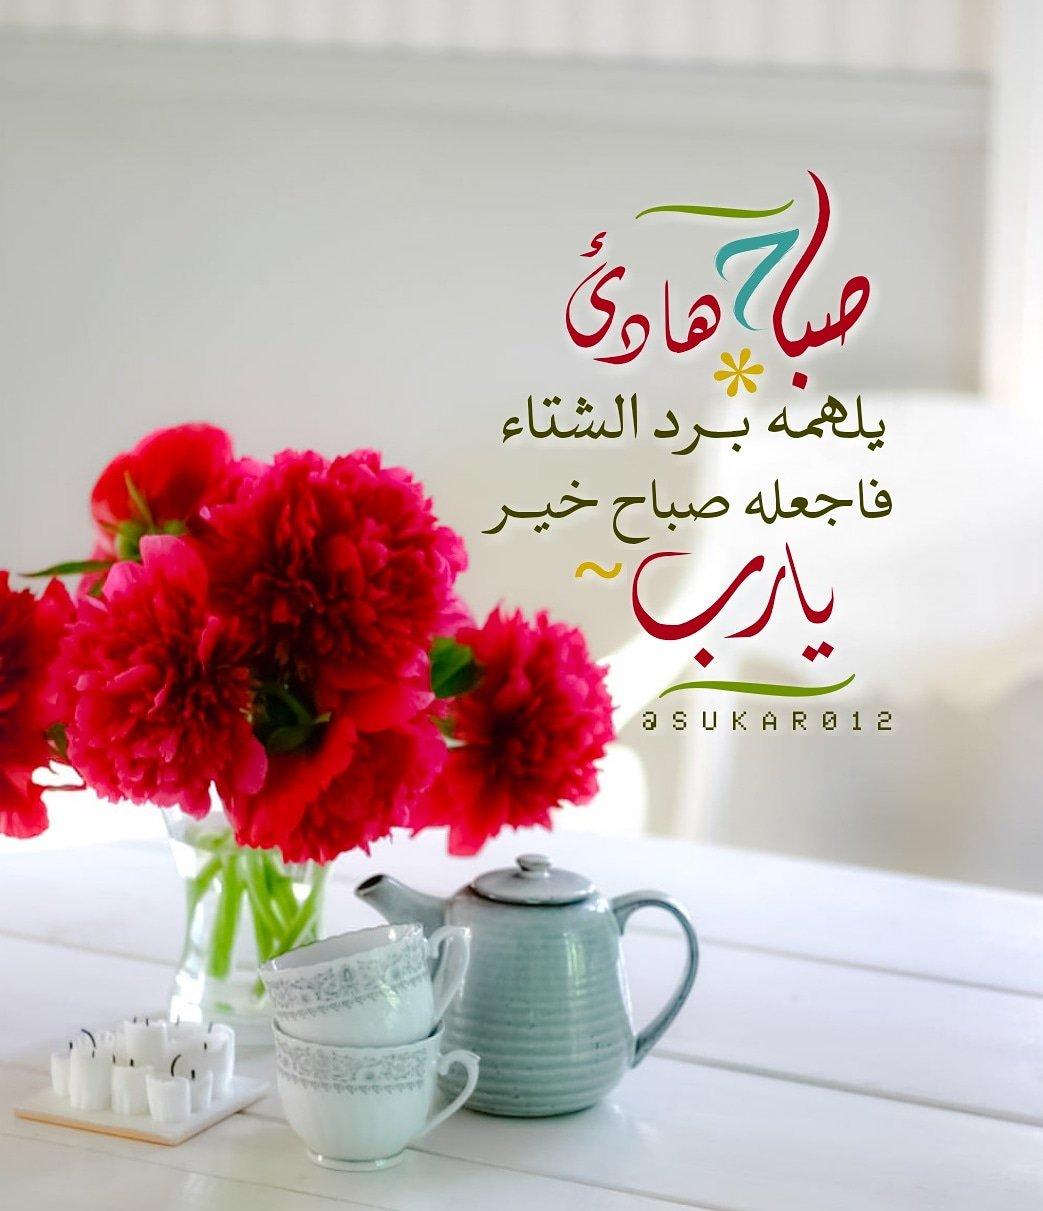 Sukar012 Sur Twitter صباح هادئ يلهمه برد الشتاء فاجعله صباح خير يارب صباح الخير صباحيات